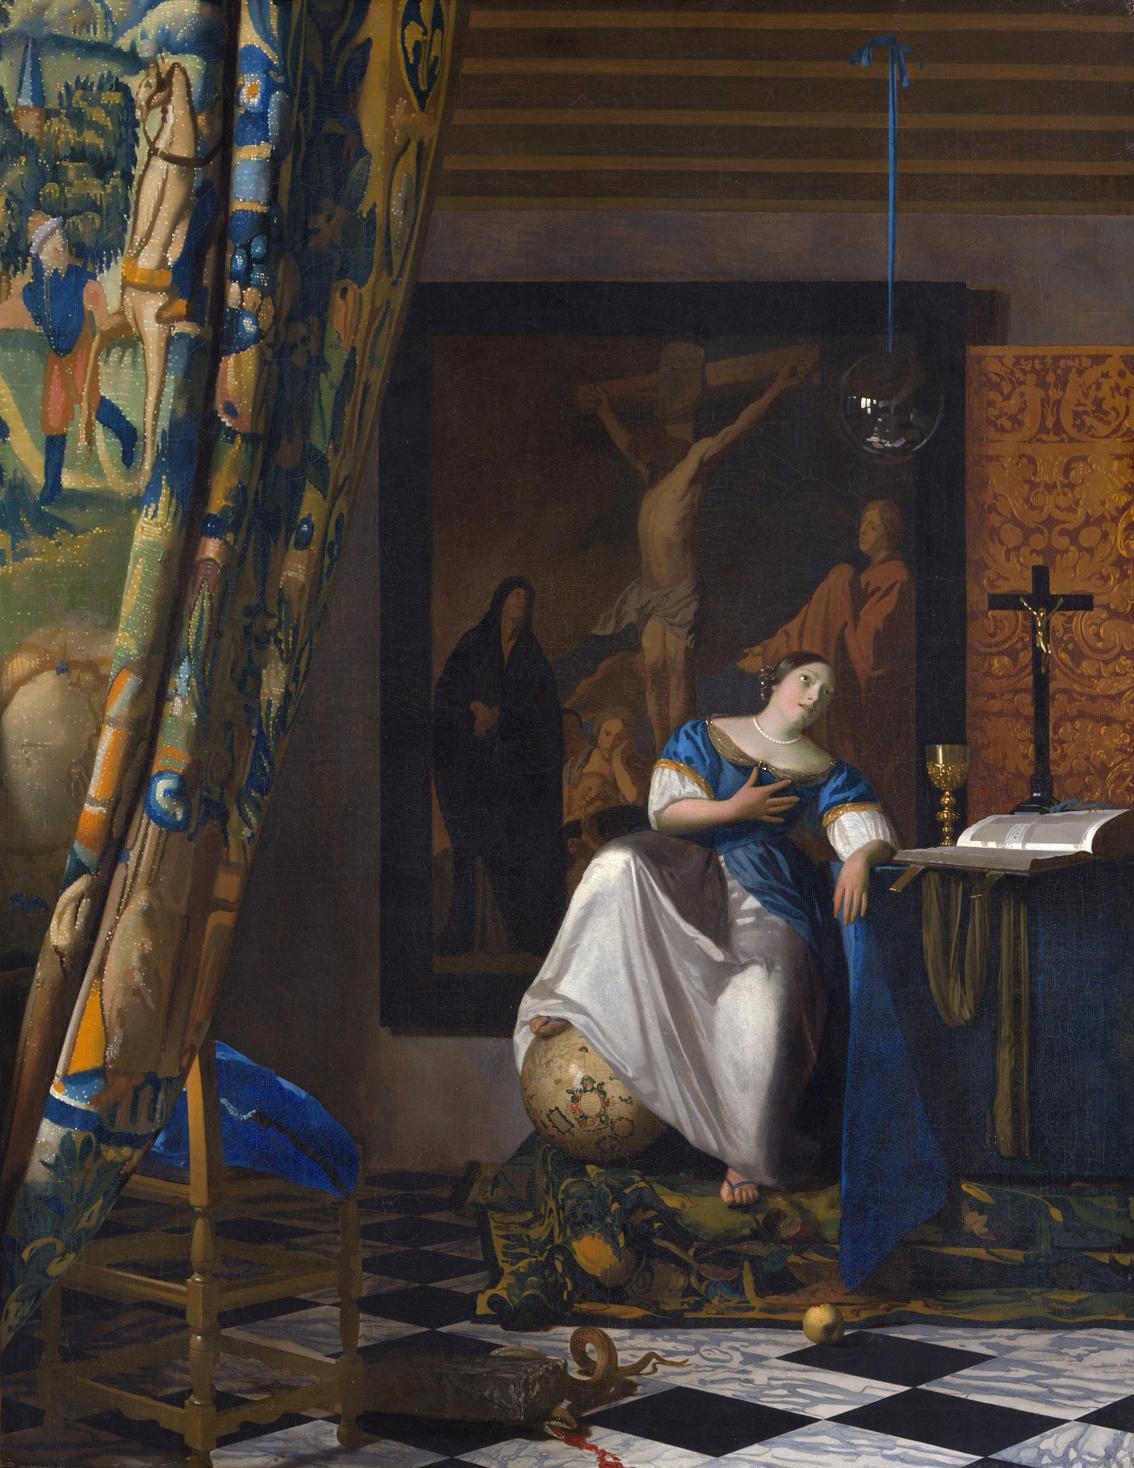 Alegoría de la fe, h. 1670-72, óleo sobre lienzo, 114.3 x 88.9 cm, Nueva York, Metropolitan Museum of Art.